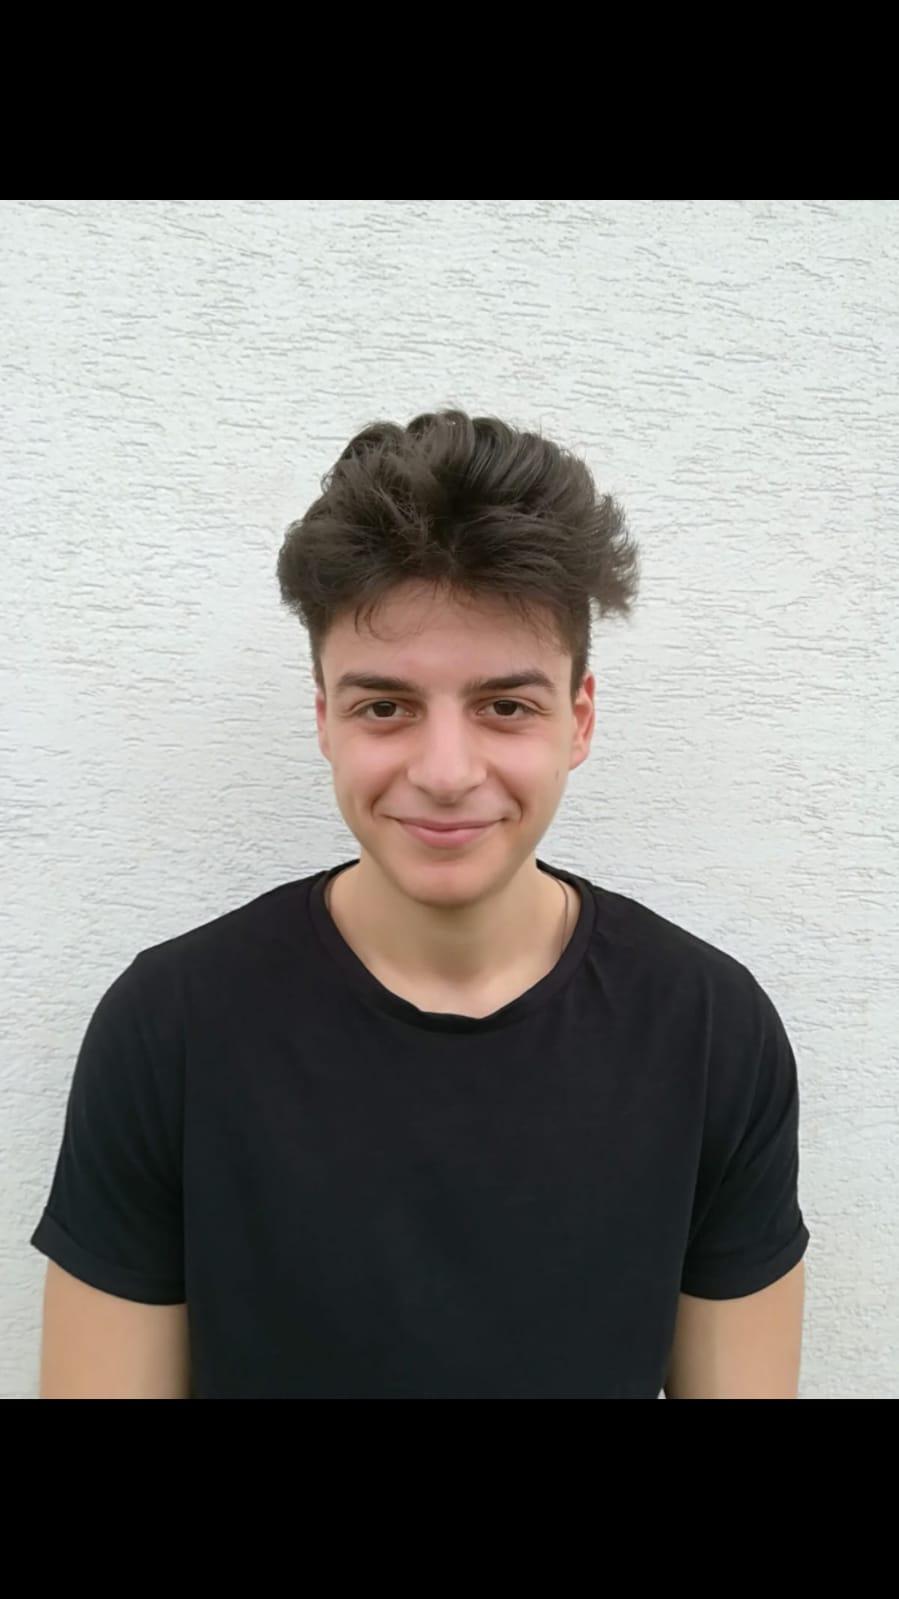 """Alexandru Manea, elevul de 10 la bacalaureat de la Colegiul Naţional """"Fraţii Buzeşti"""" din Craiova"""